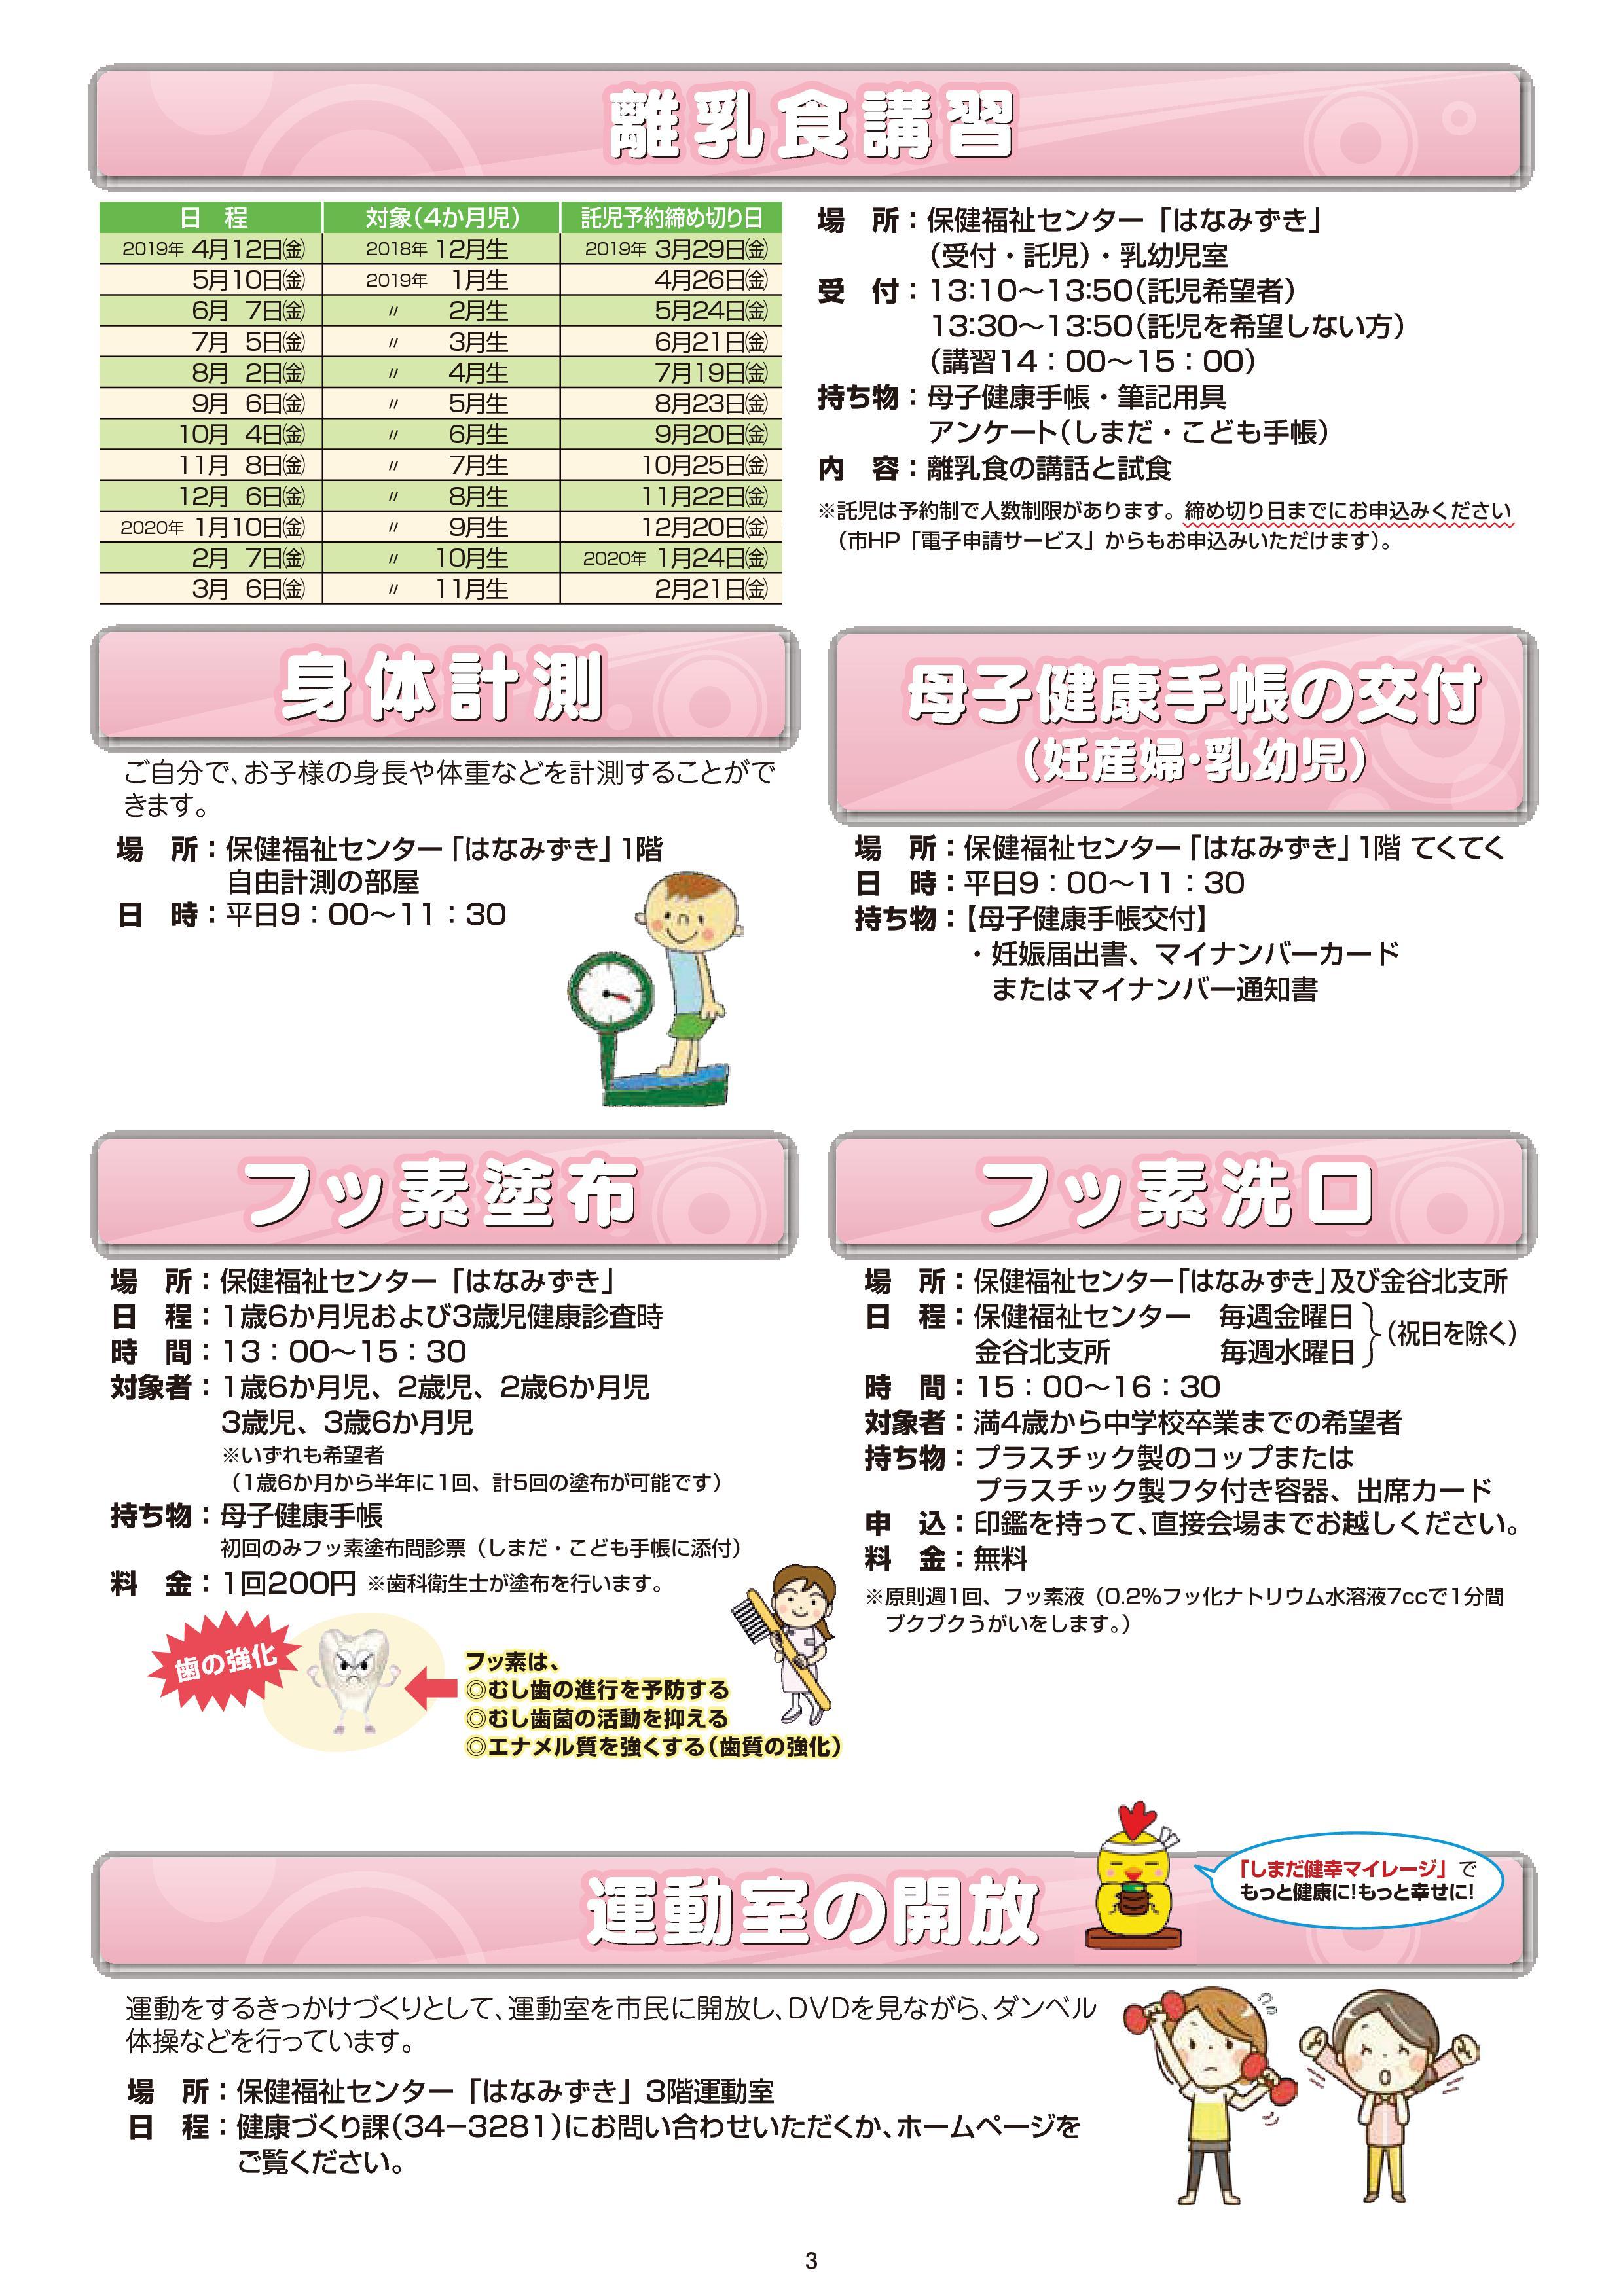 健康カレンダー-004